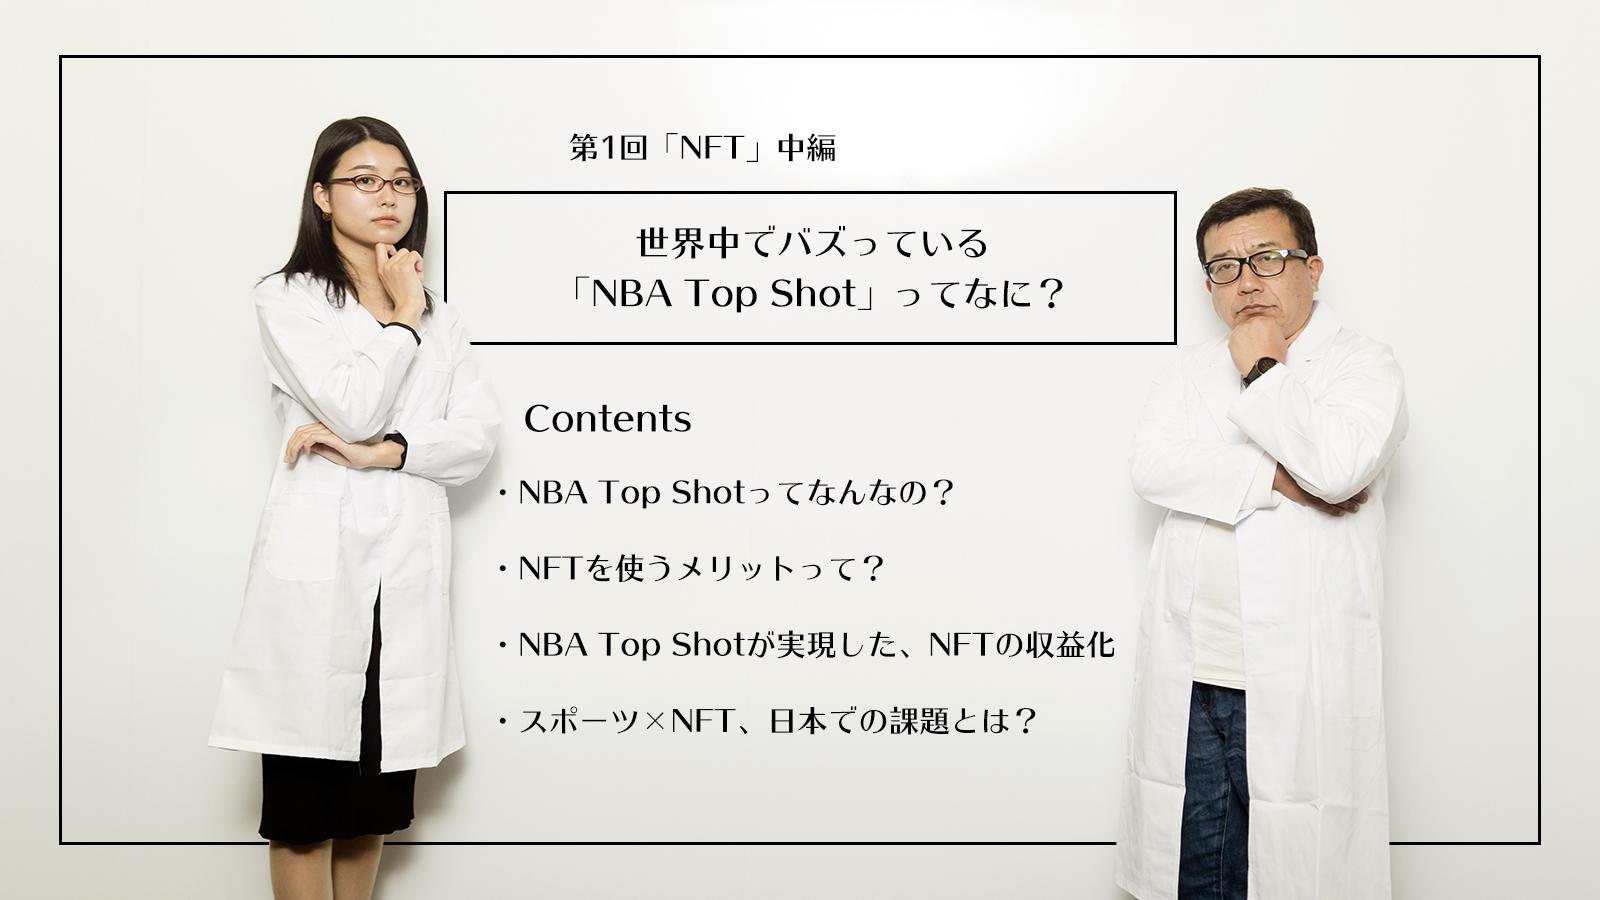 世界中でバズっている「NBA Top Shot」ってなに?|第1回「NFT」中編